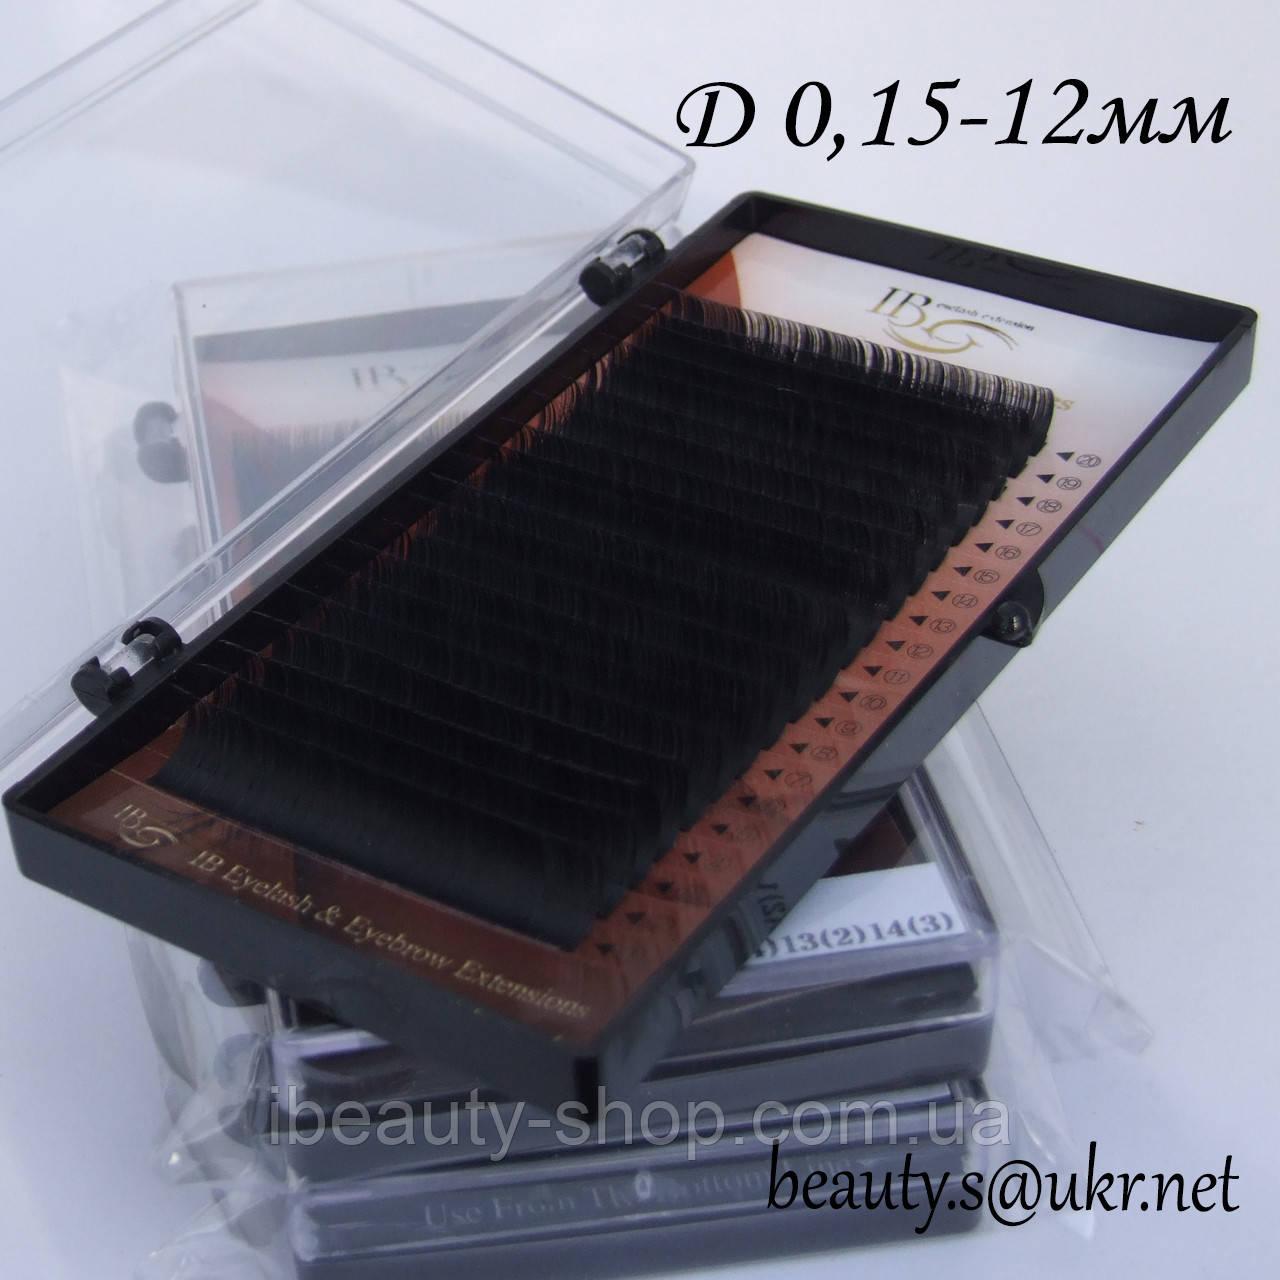 Вії I-Beauty на стрічці D-0,15 12мм